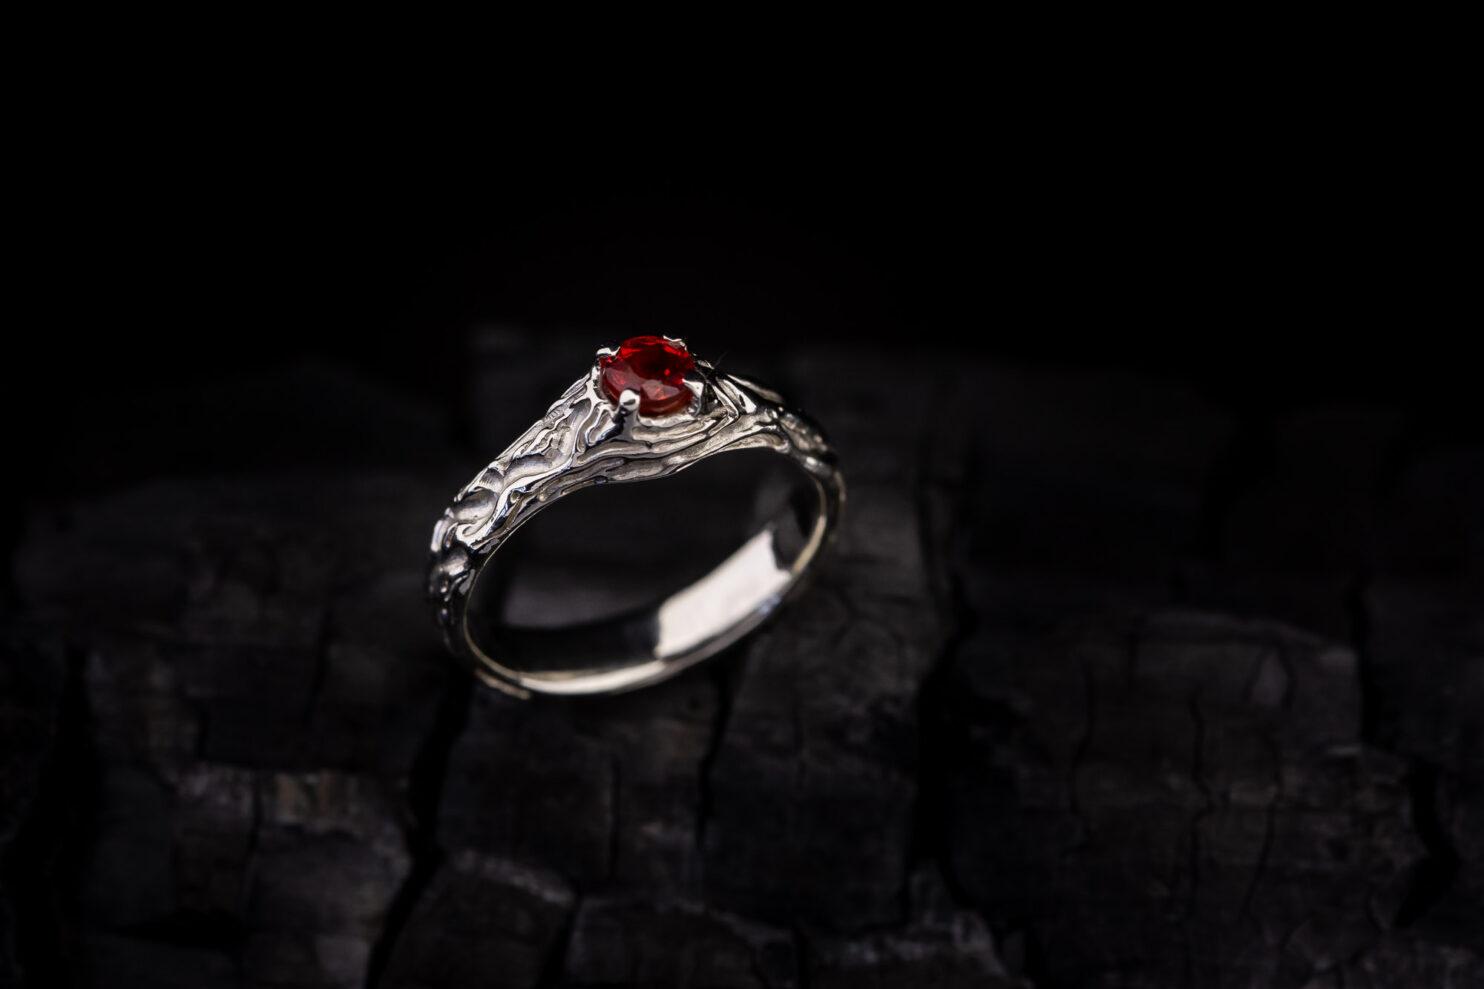 Balto aukso sužadėtuvių žiedas su raudonu safyru